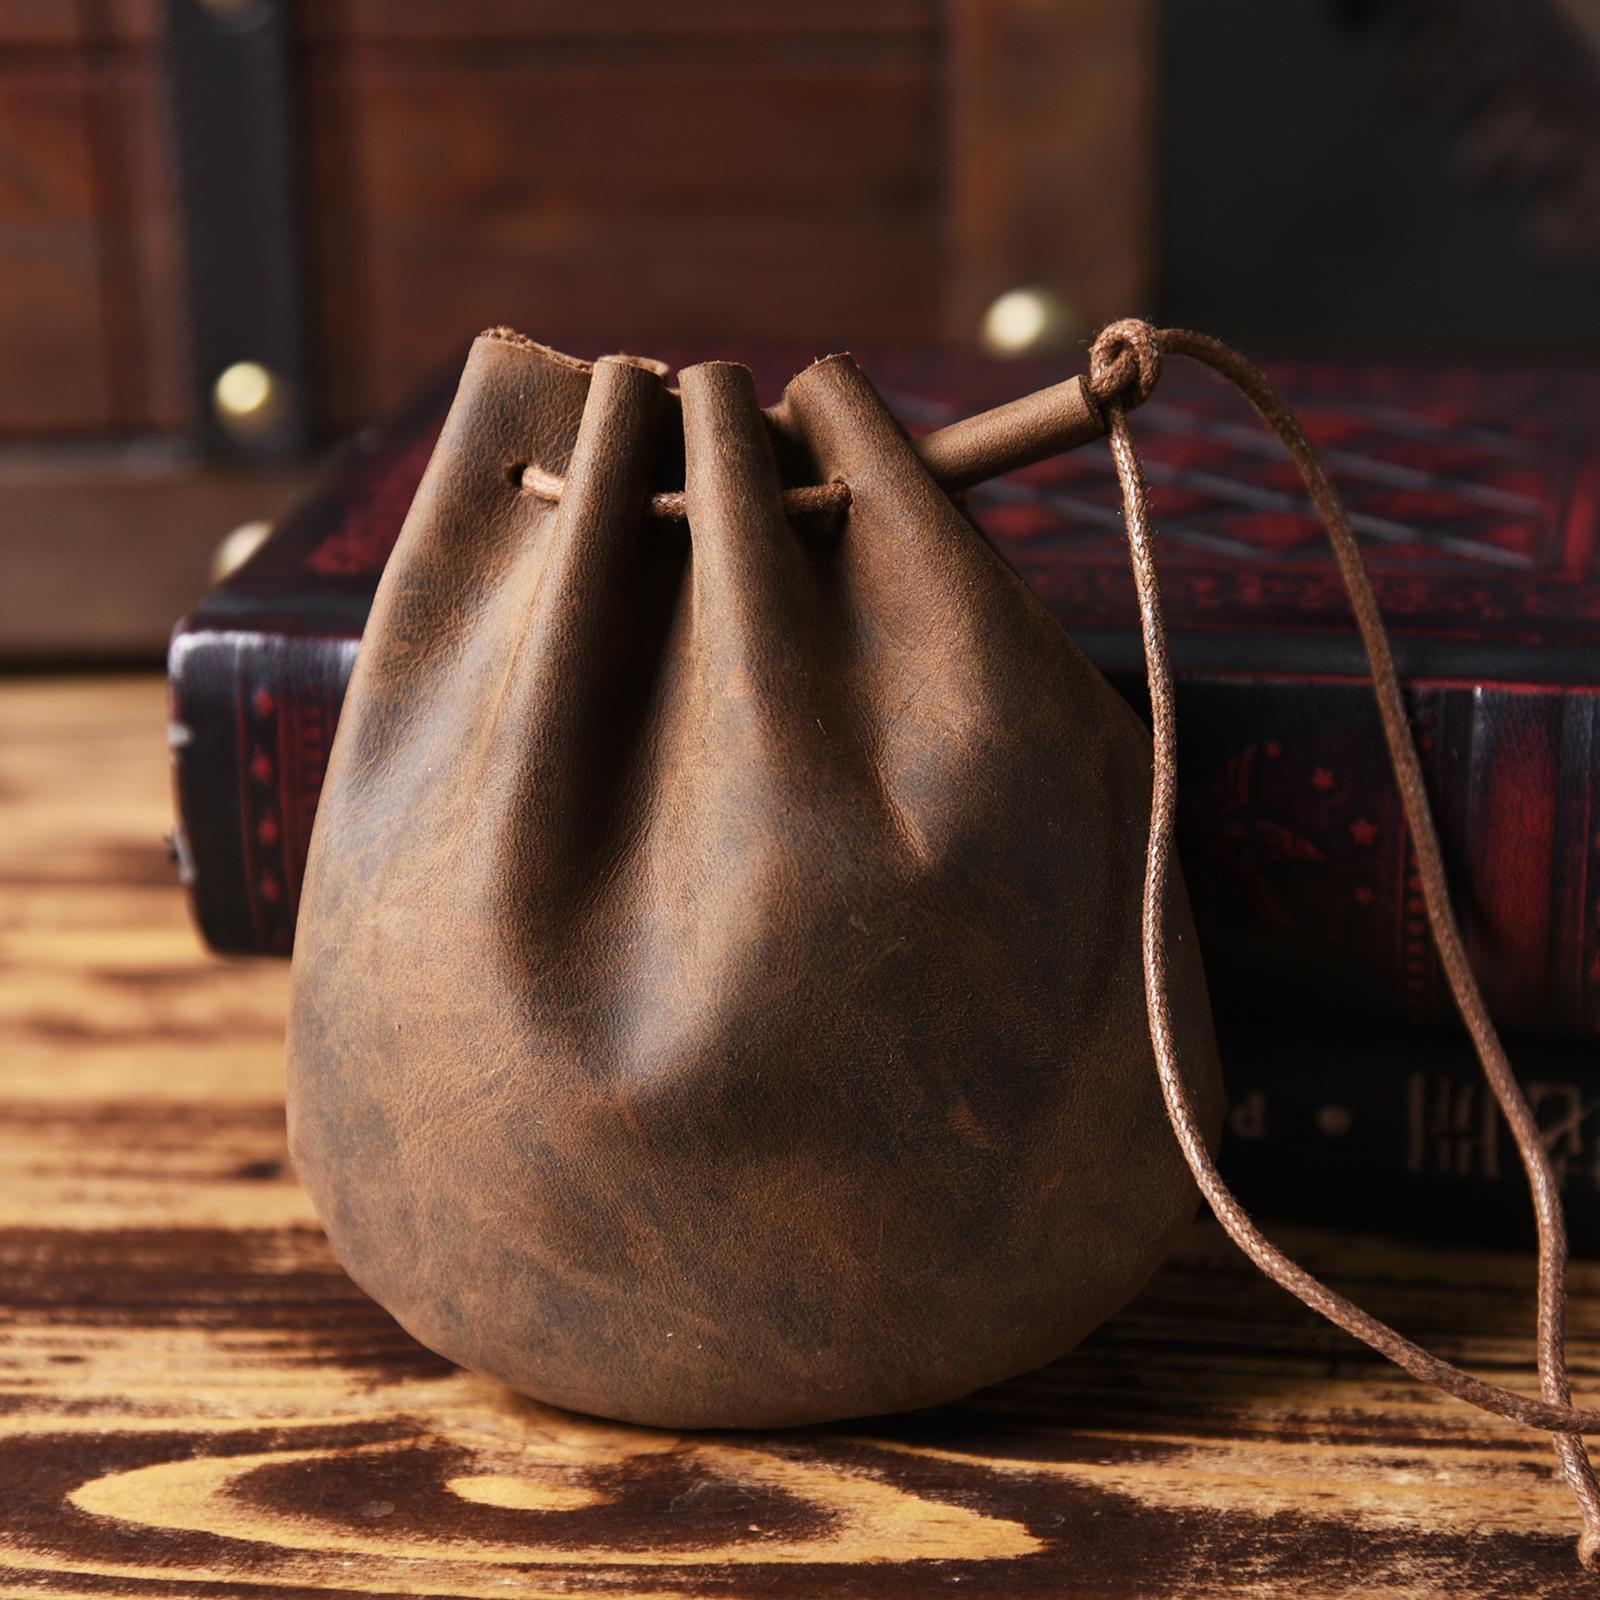 手工製作復古瘋馬牛皮零錢包真皮懷舊風硬幣包純皮抽繩束口收納袋